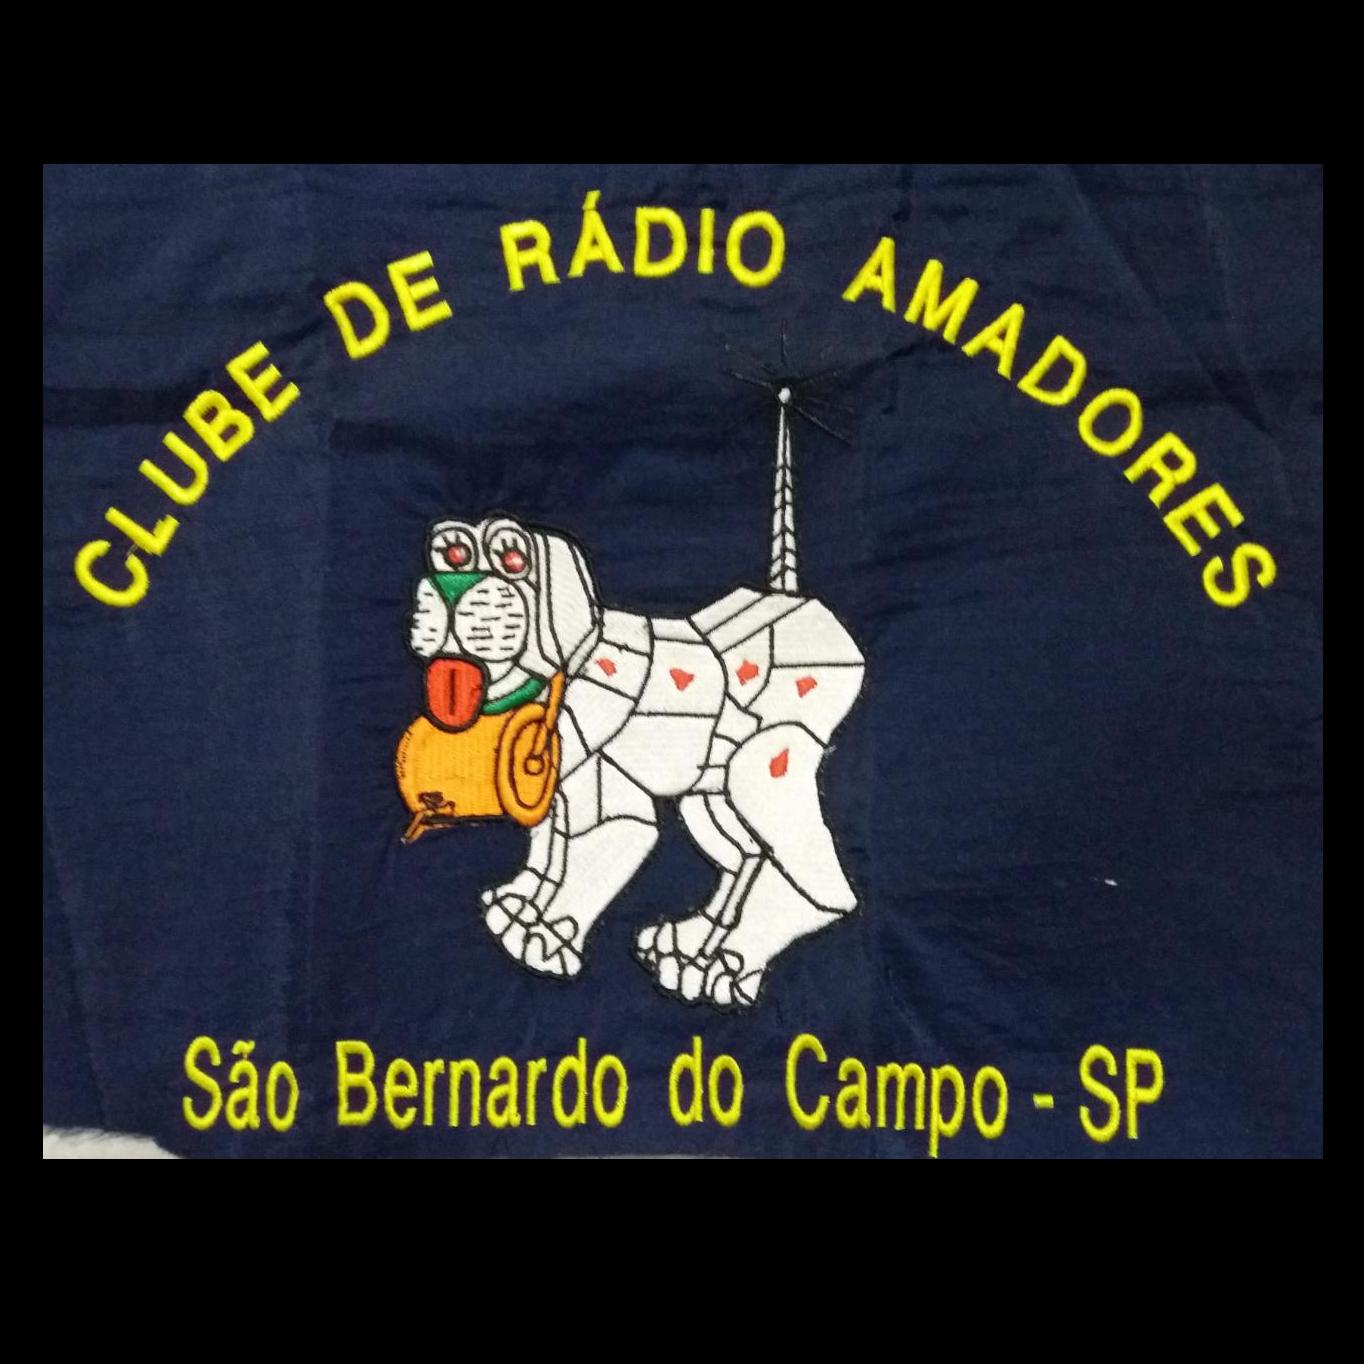 REPETIDORA DE SÃO BERNARDO DO CAMPO